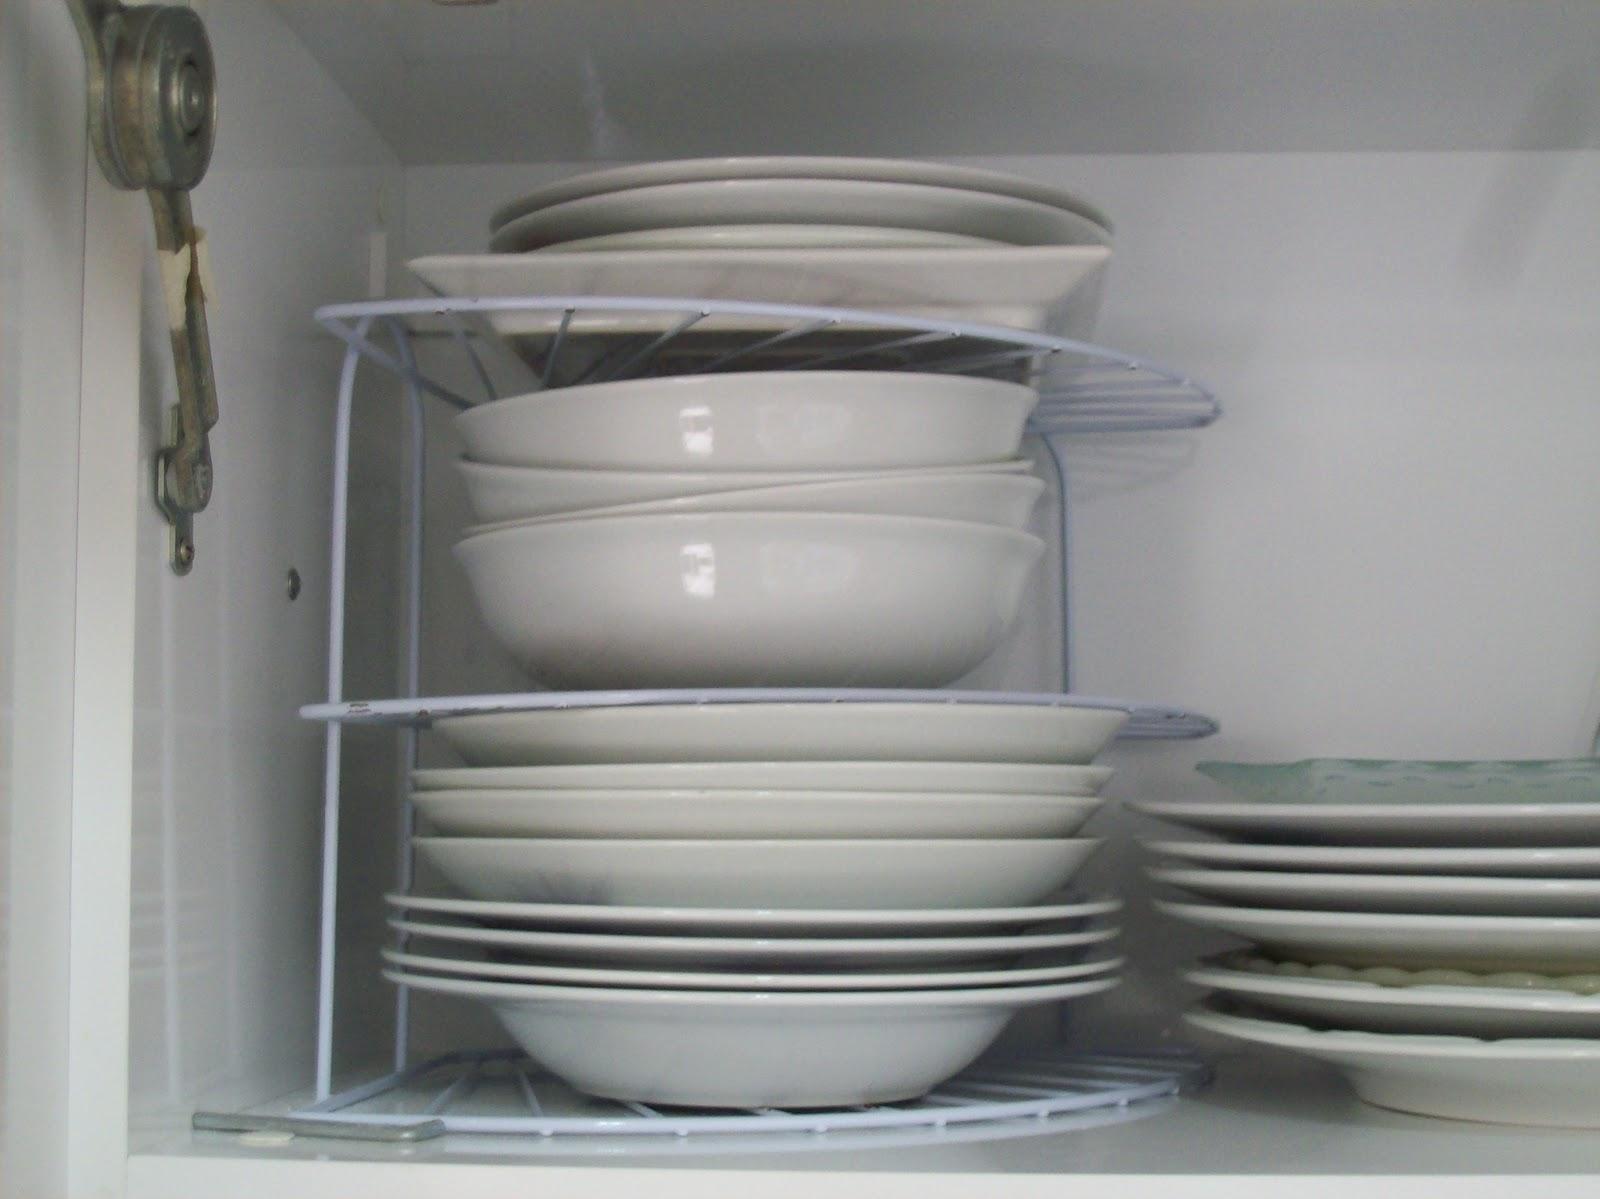 Coisas que minha avó tinha.: Organização no armário da cozinha #5B5B51 1600 1199